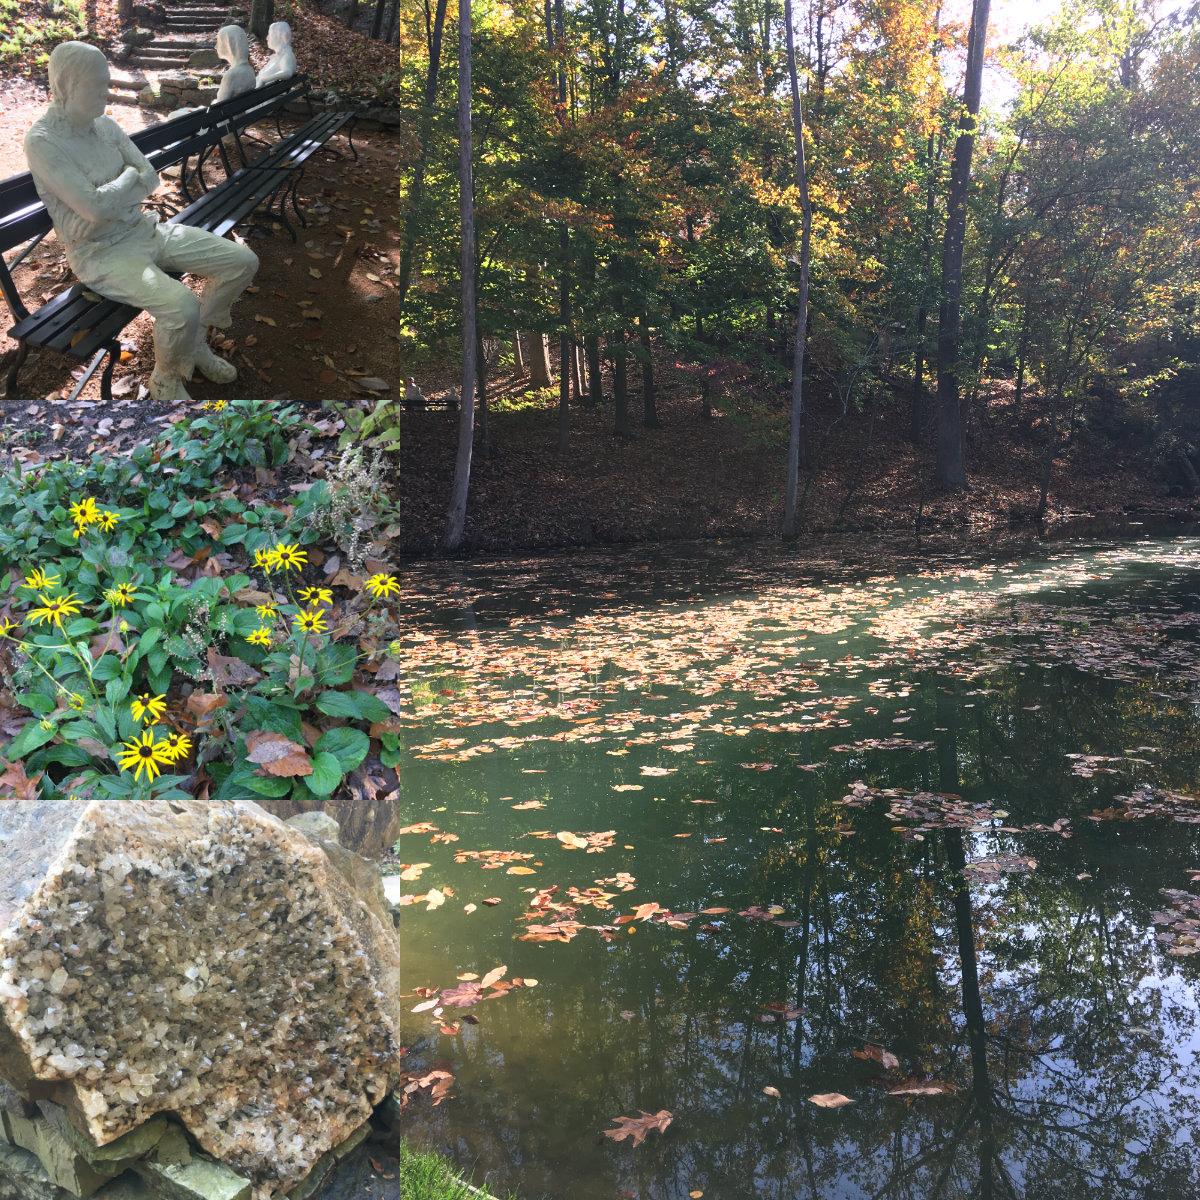 Sights along the Art Trail at Crystal Bridges